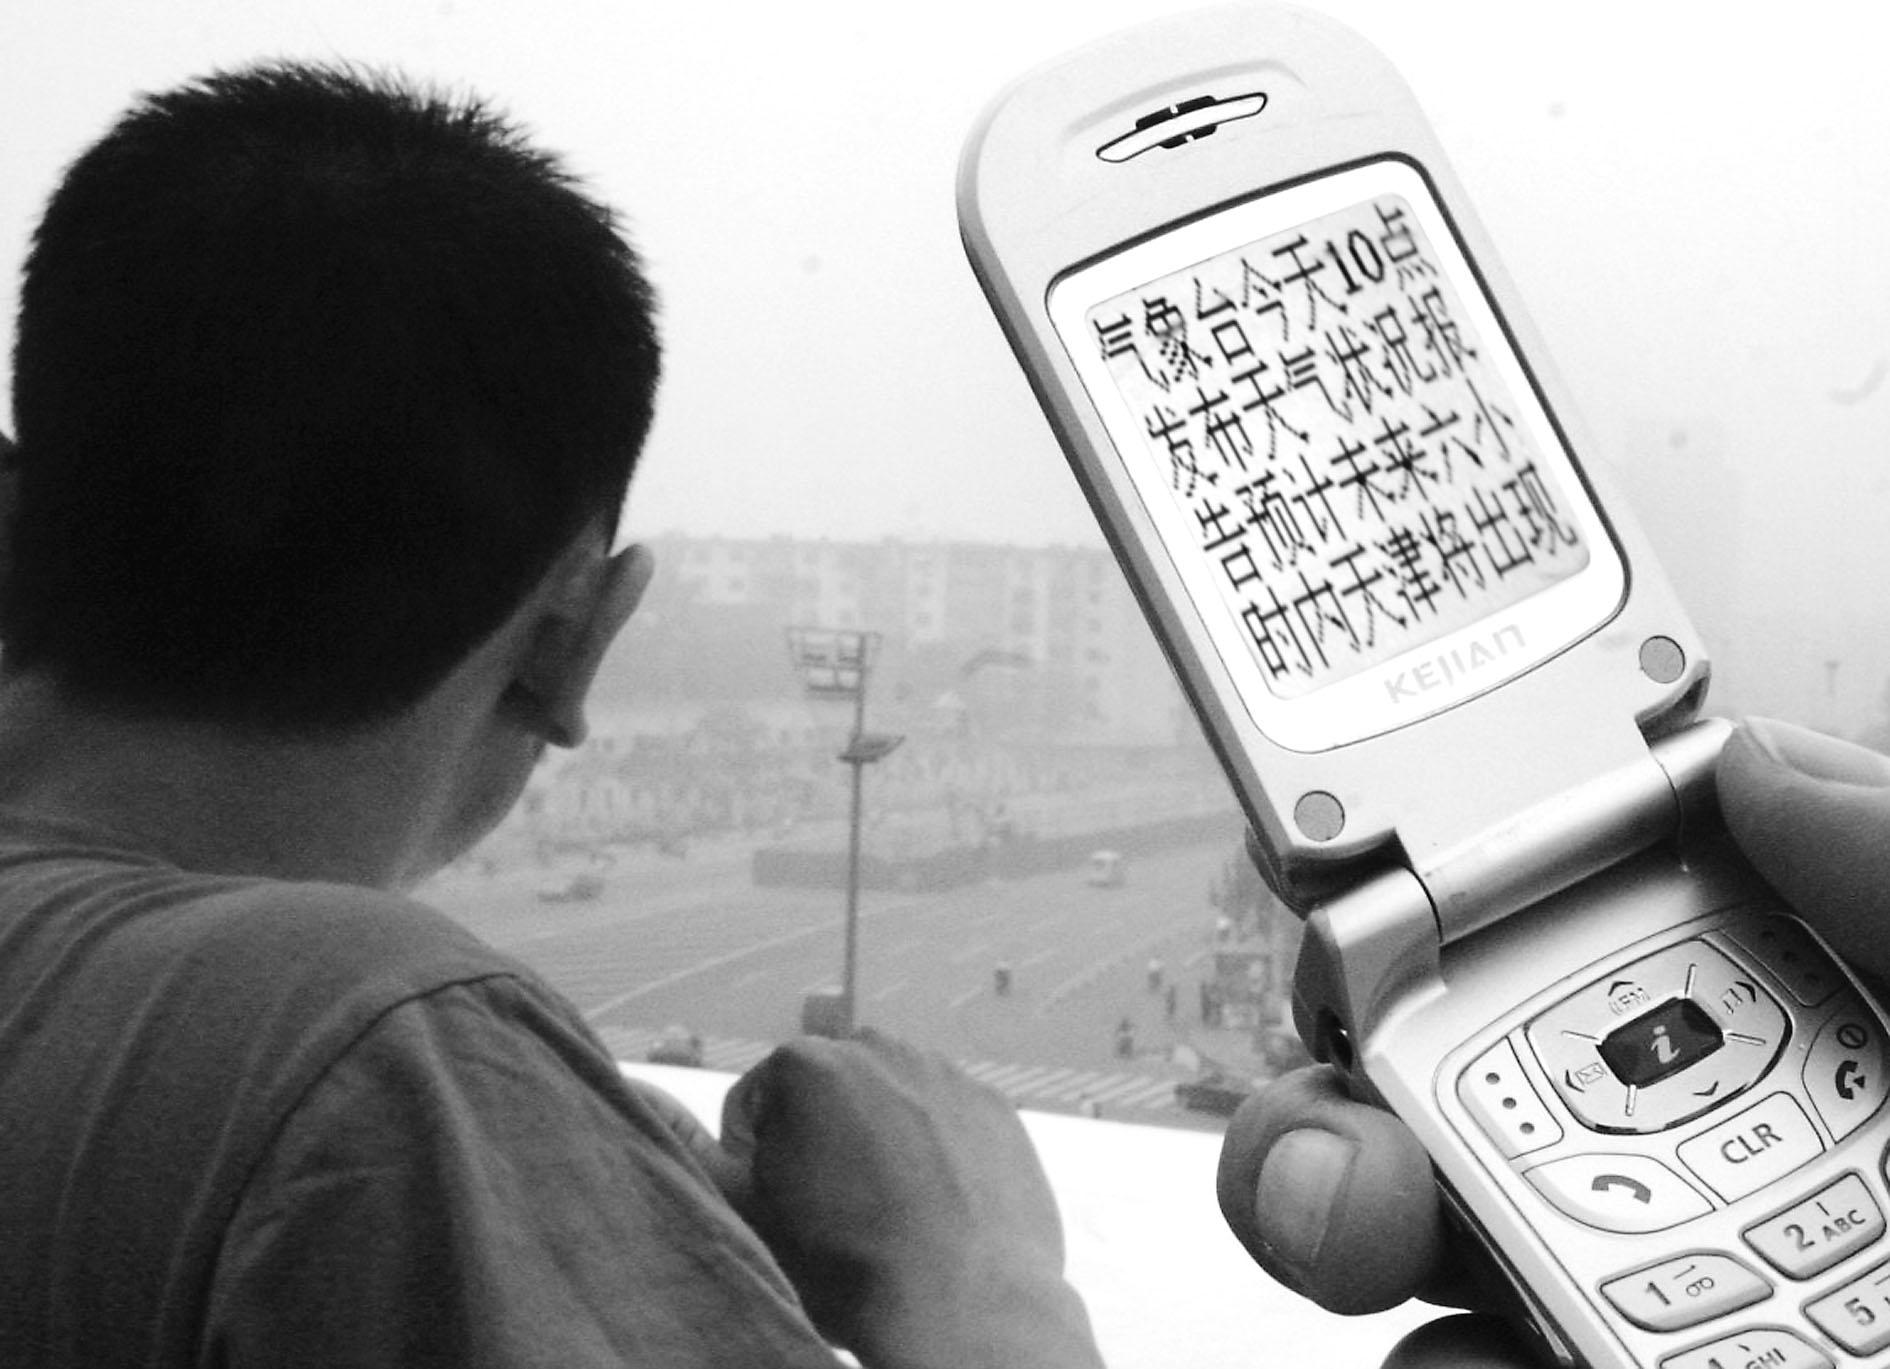 即时气象信息短信服务市民(图)